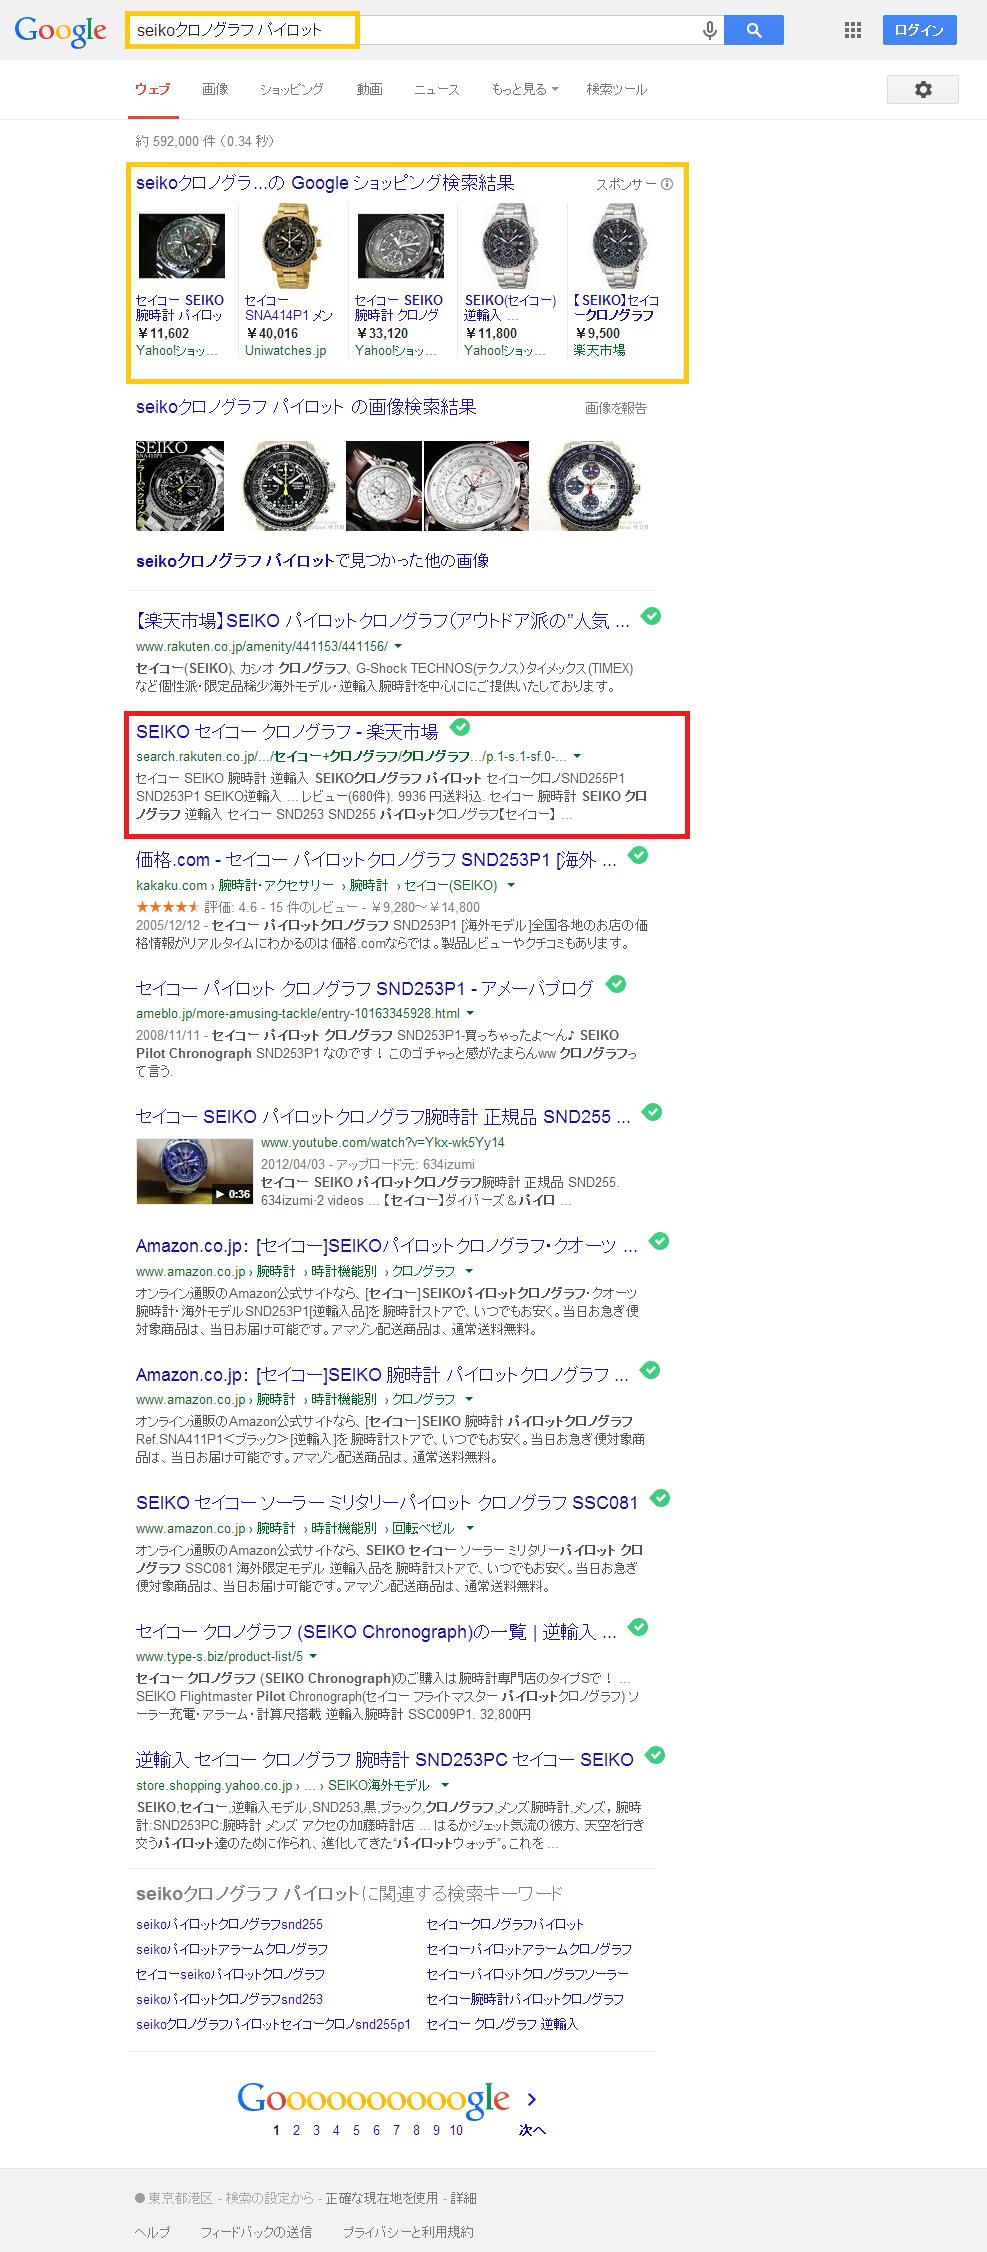 seikoクロノグラフ パイロット   Google 検索.png